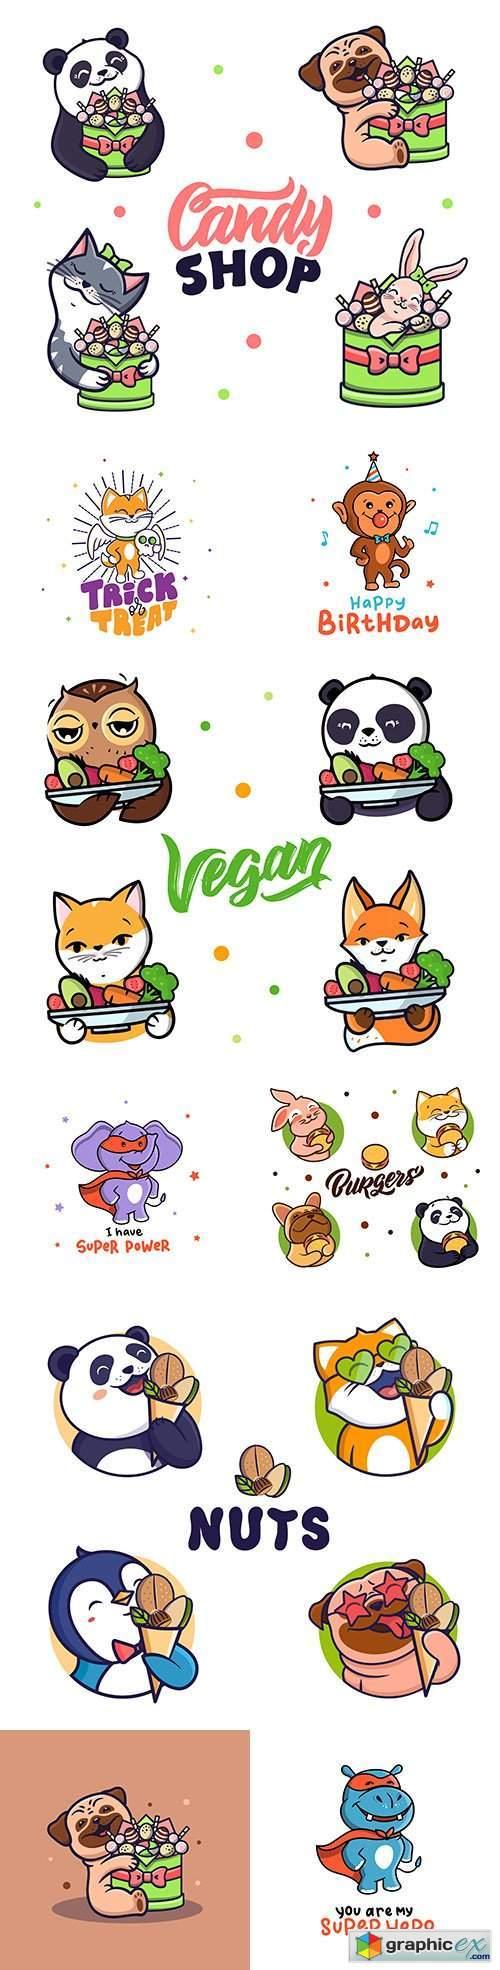 Animal cute cartoon emblem and logos design